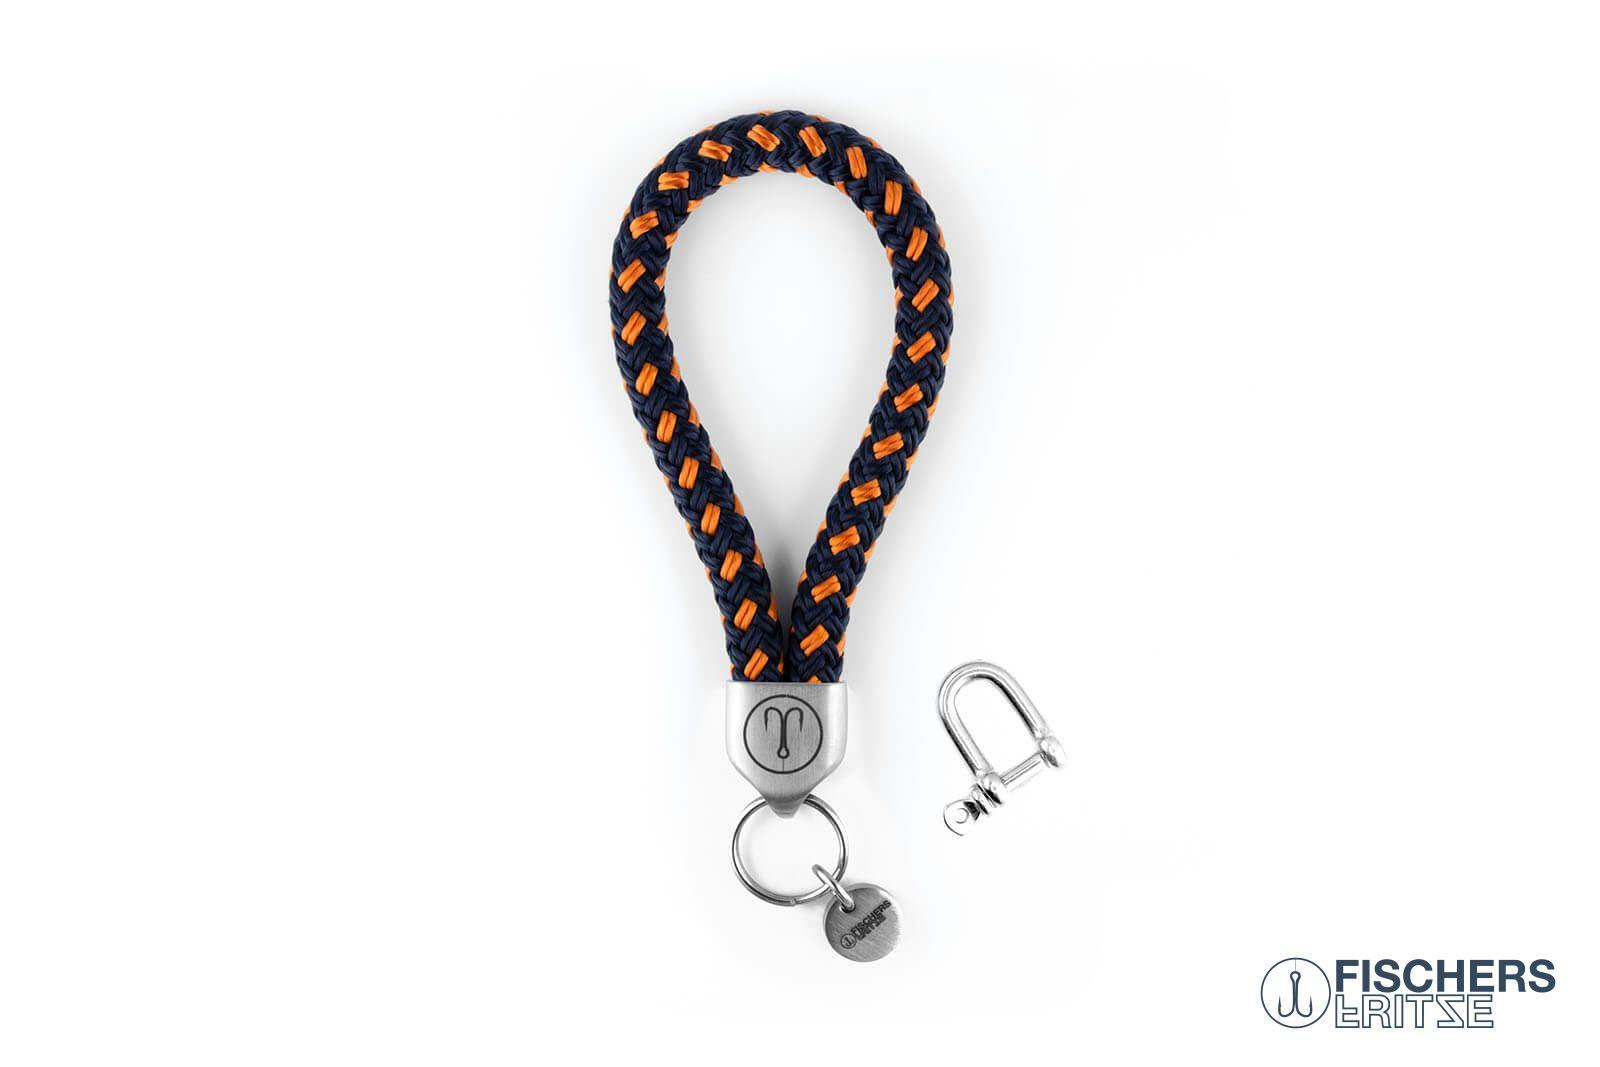 Schluesselanhaenger Segeltau Edelstahl Fischers Fritze marineblau orange mit Angelhaken Gravur